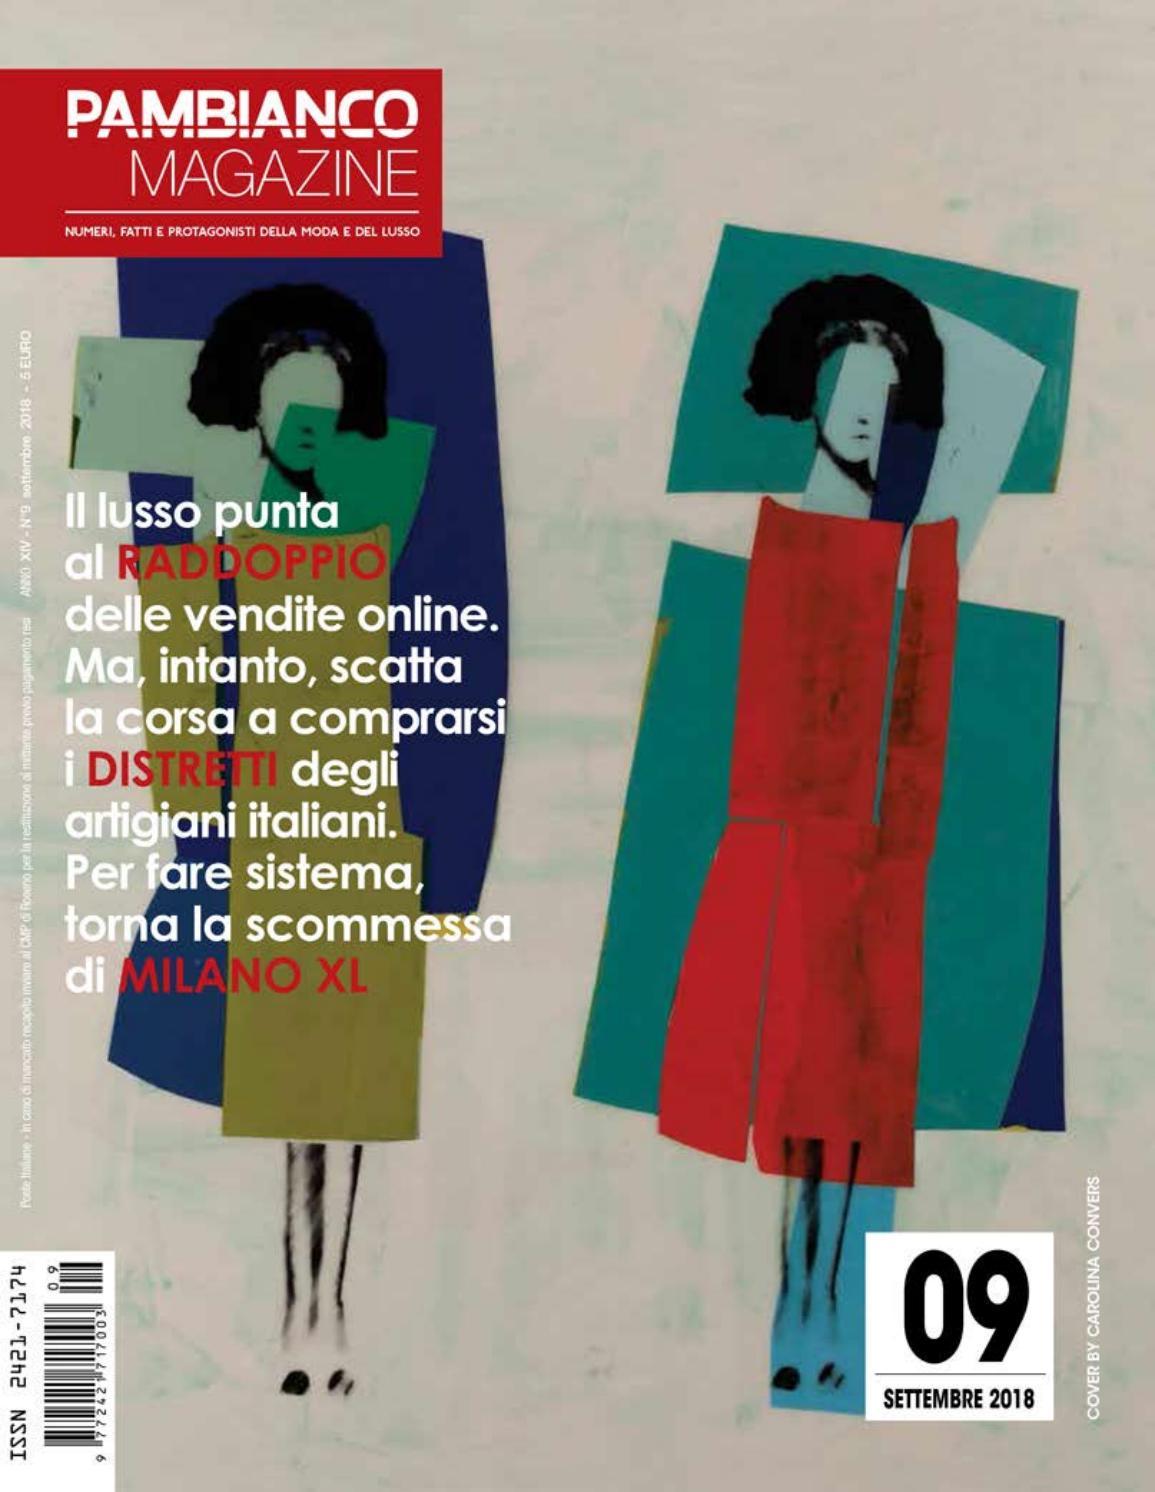 Pambianco magazine 9 XIV by Pambianconews - issuu 883cda98dd6